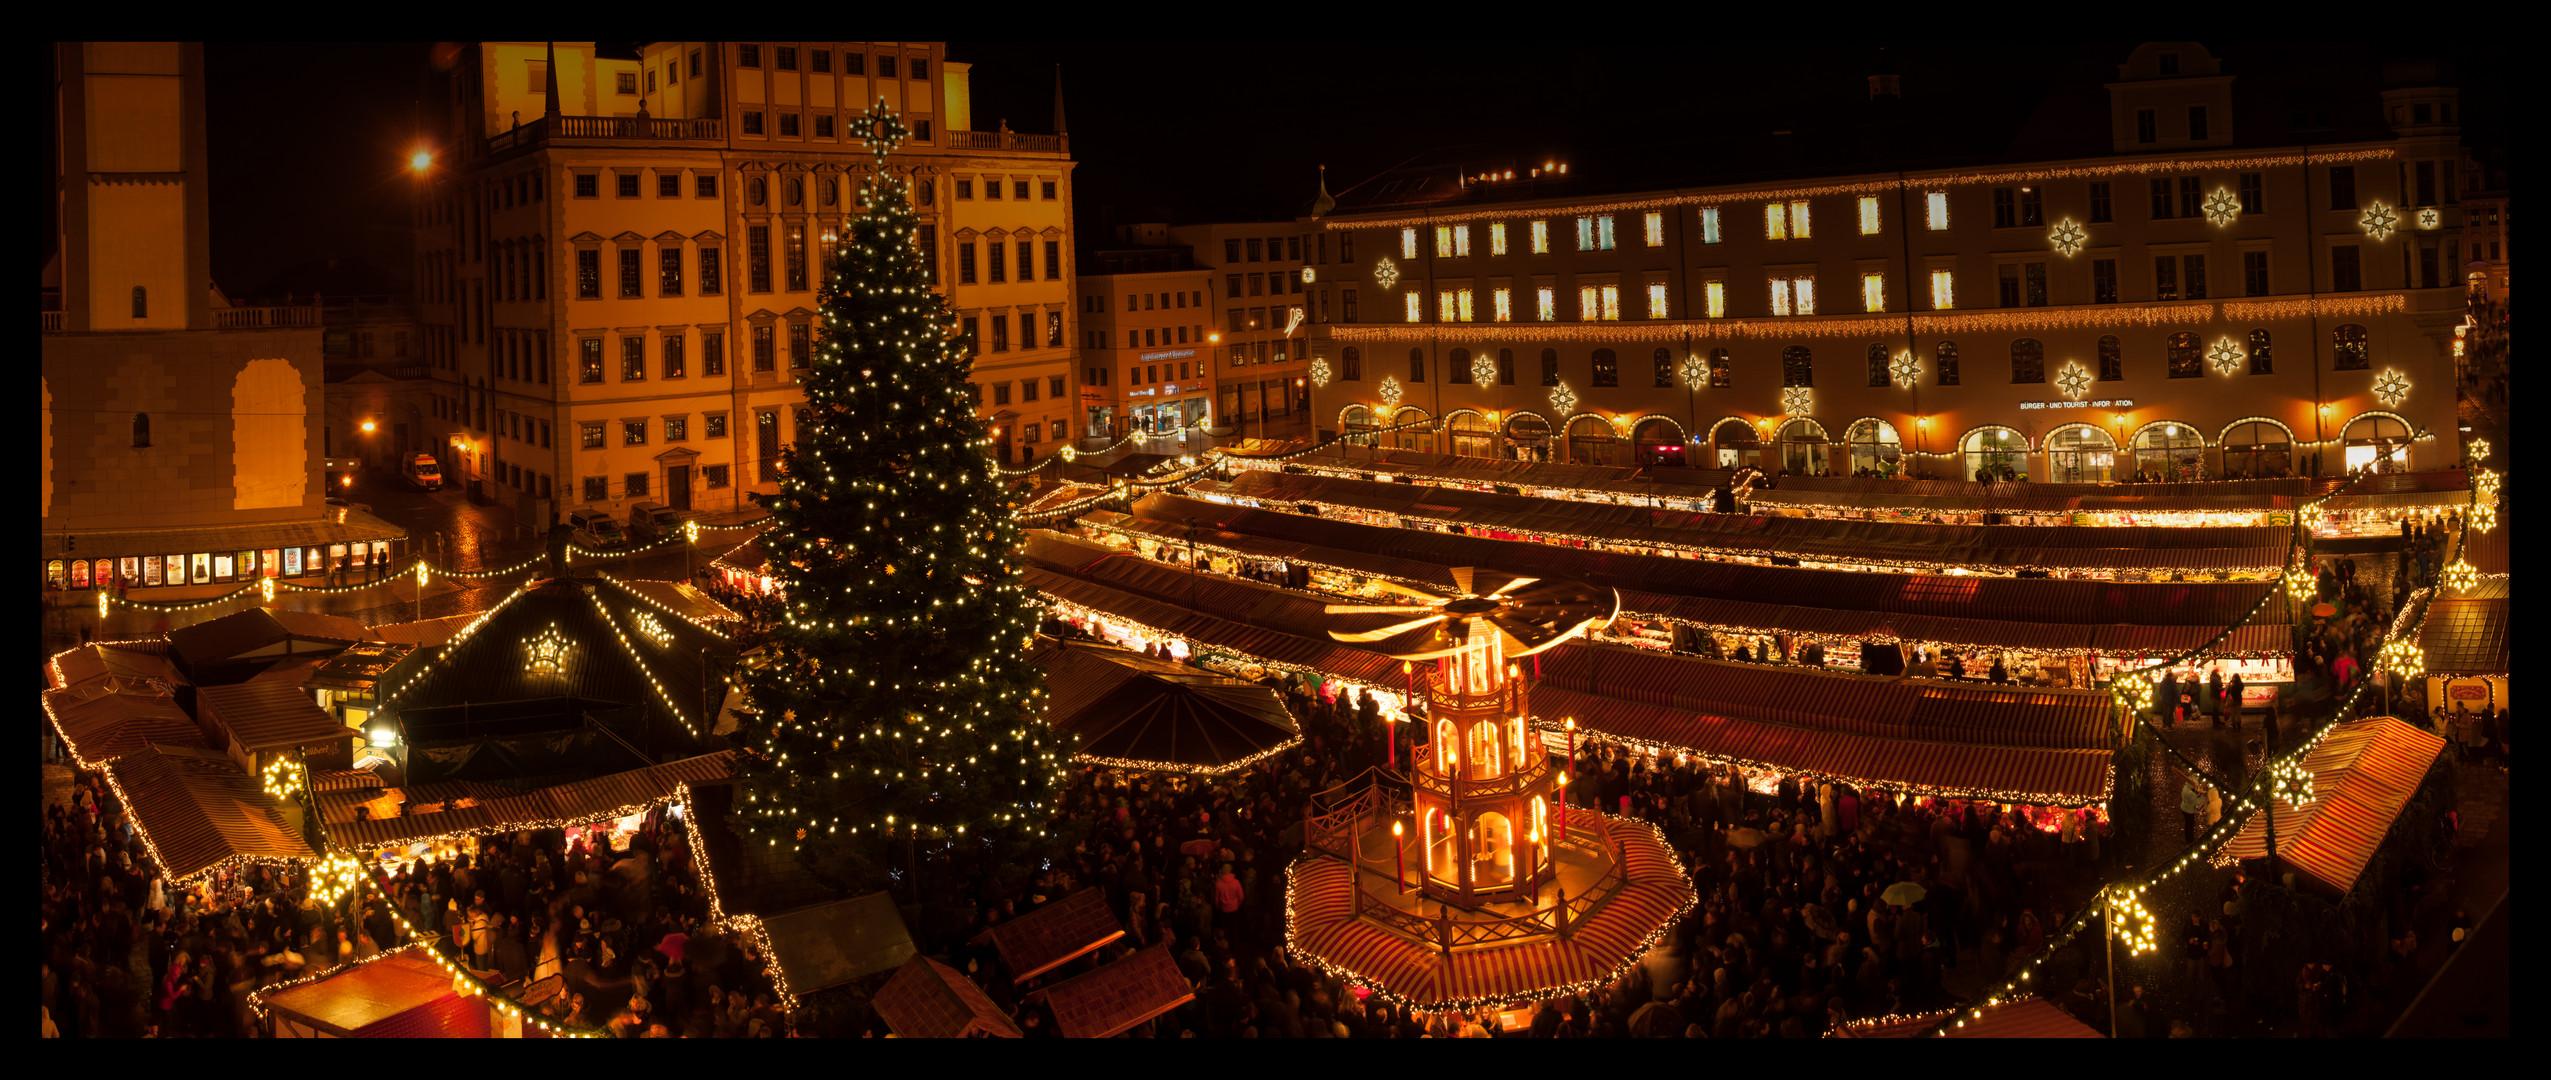 Christkindl's Markt Augsburg